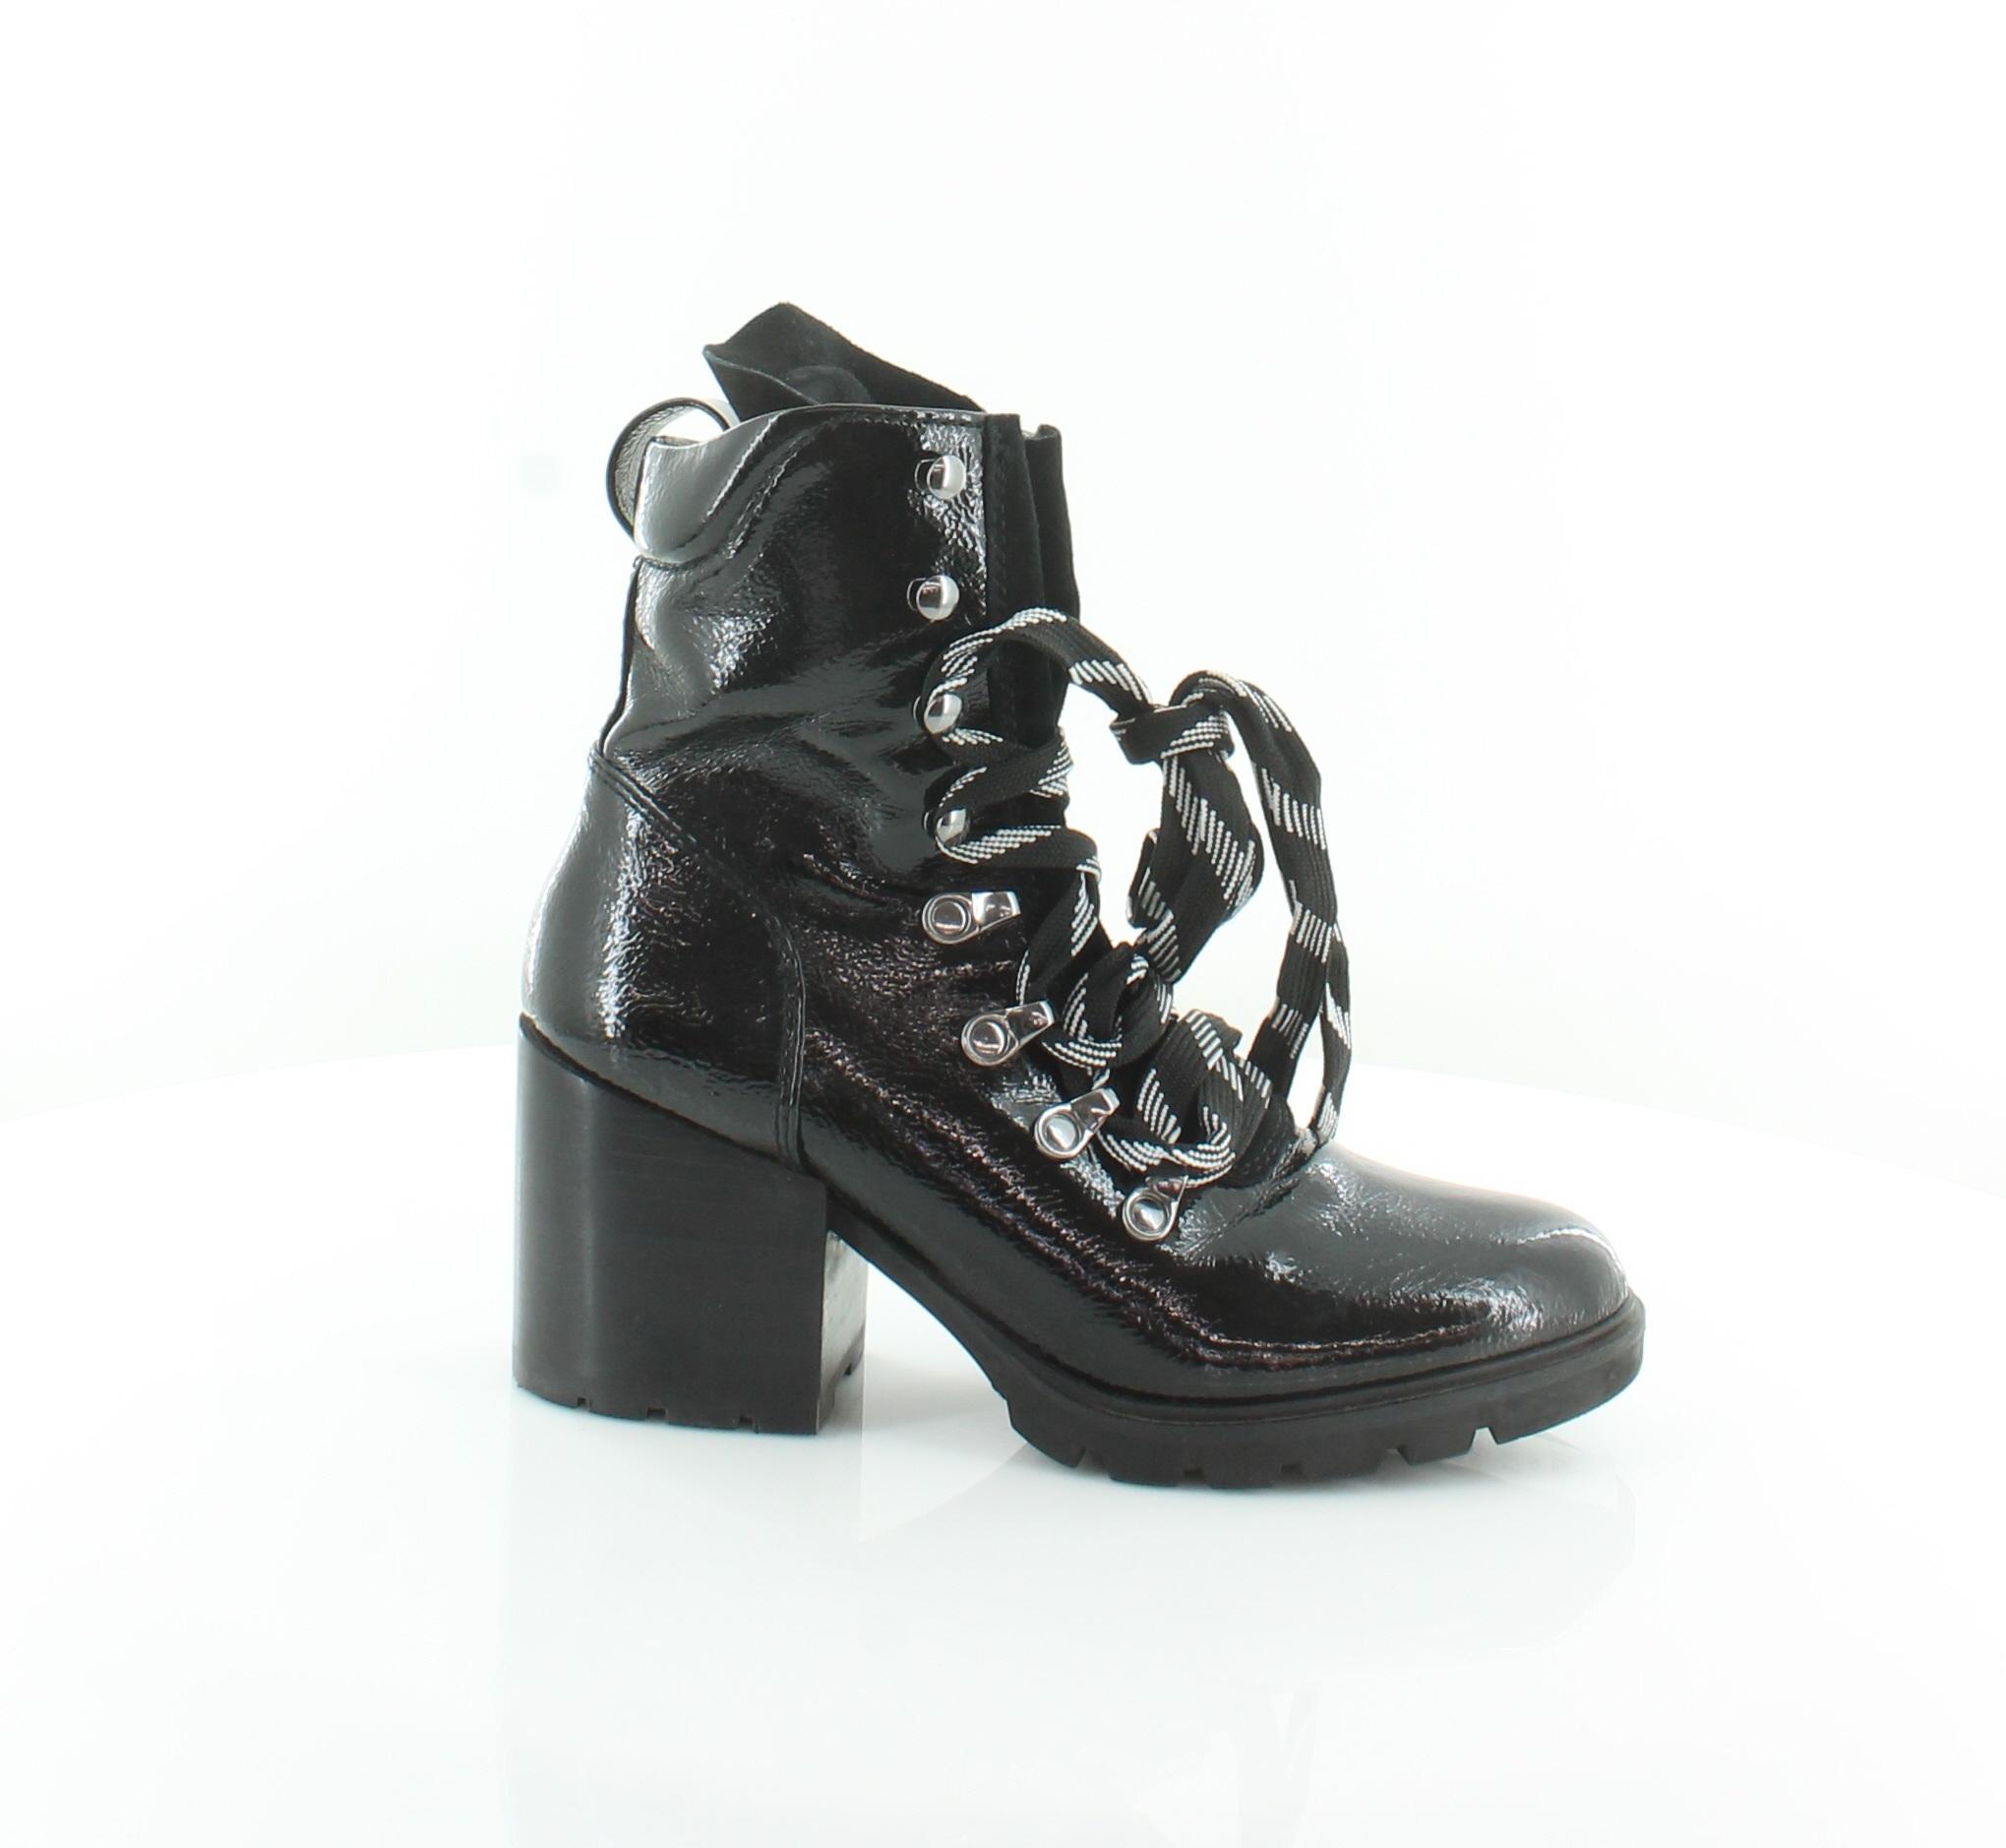 Kendall + Kylie Spencer 4 Noir Femme Chaussures Taille 7.5 m Bottes fabricants Standard prix de détail  185